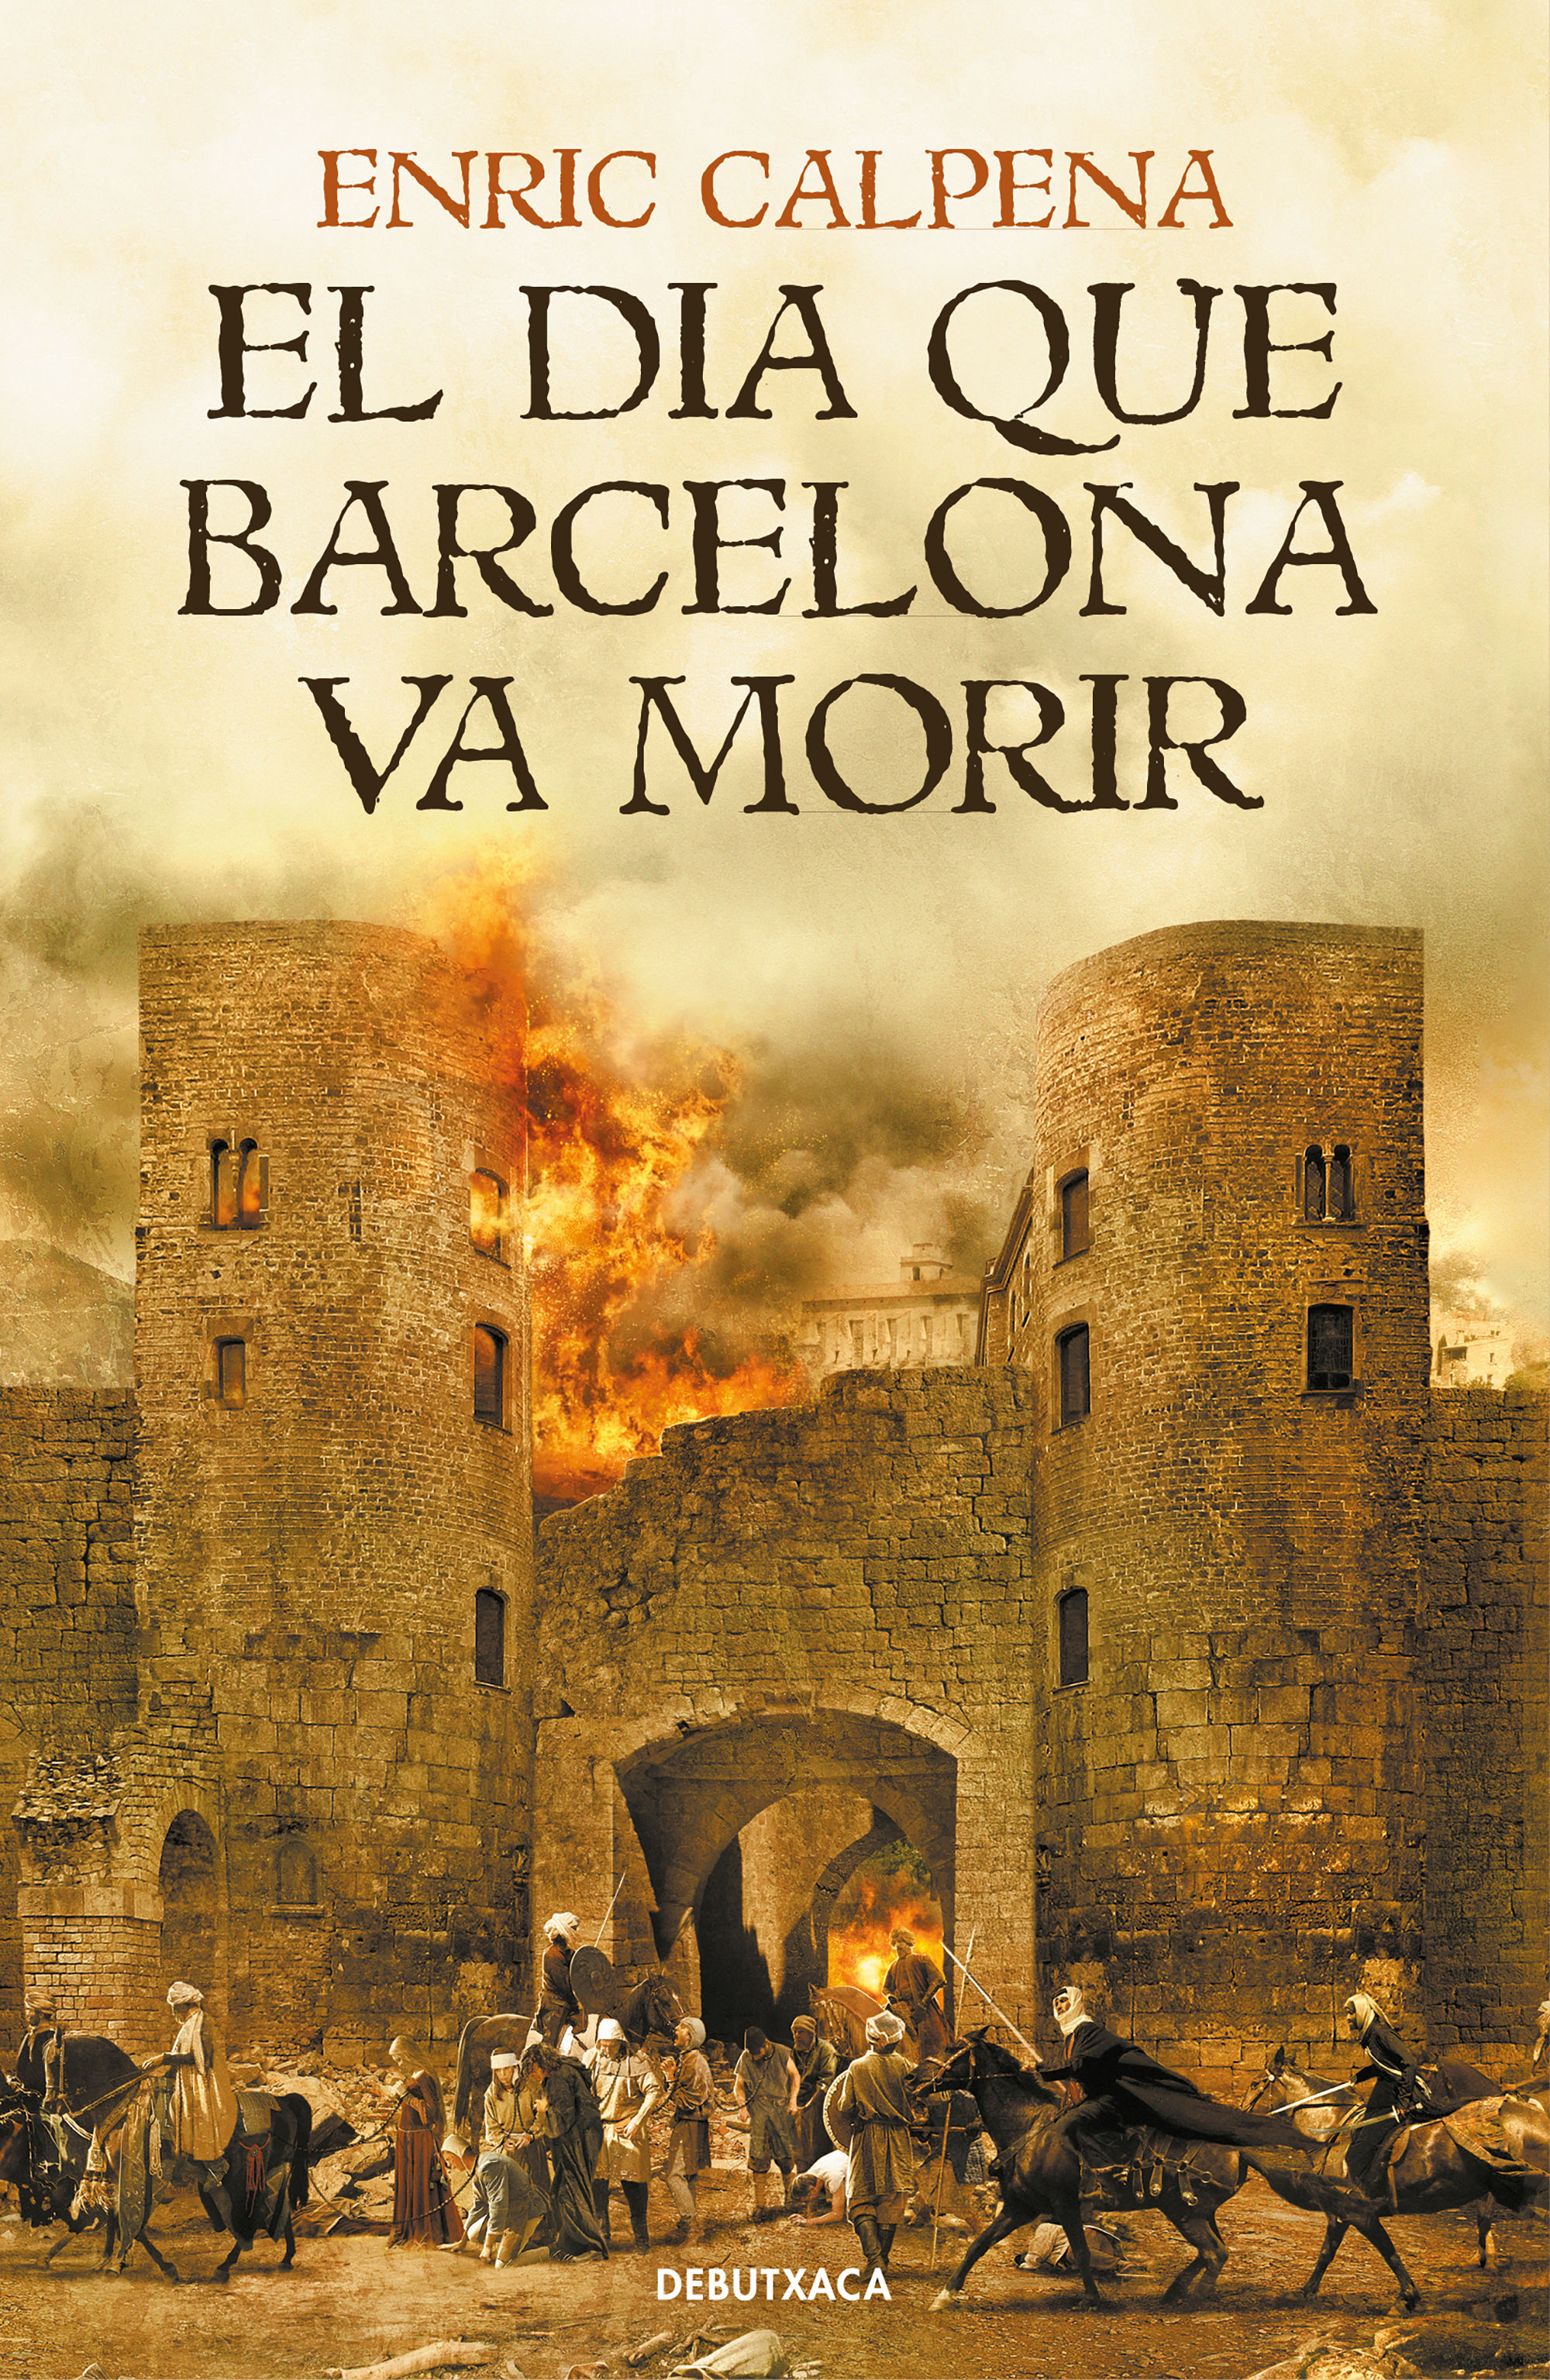 EL DIA QUE BARCELONA VA MORIR (ED. CATALÀ)